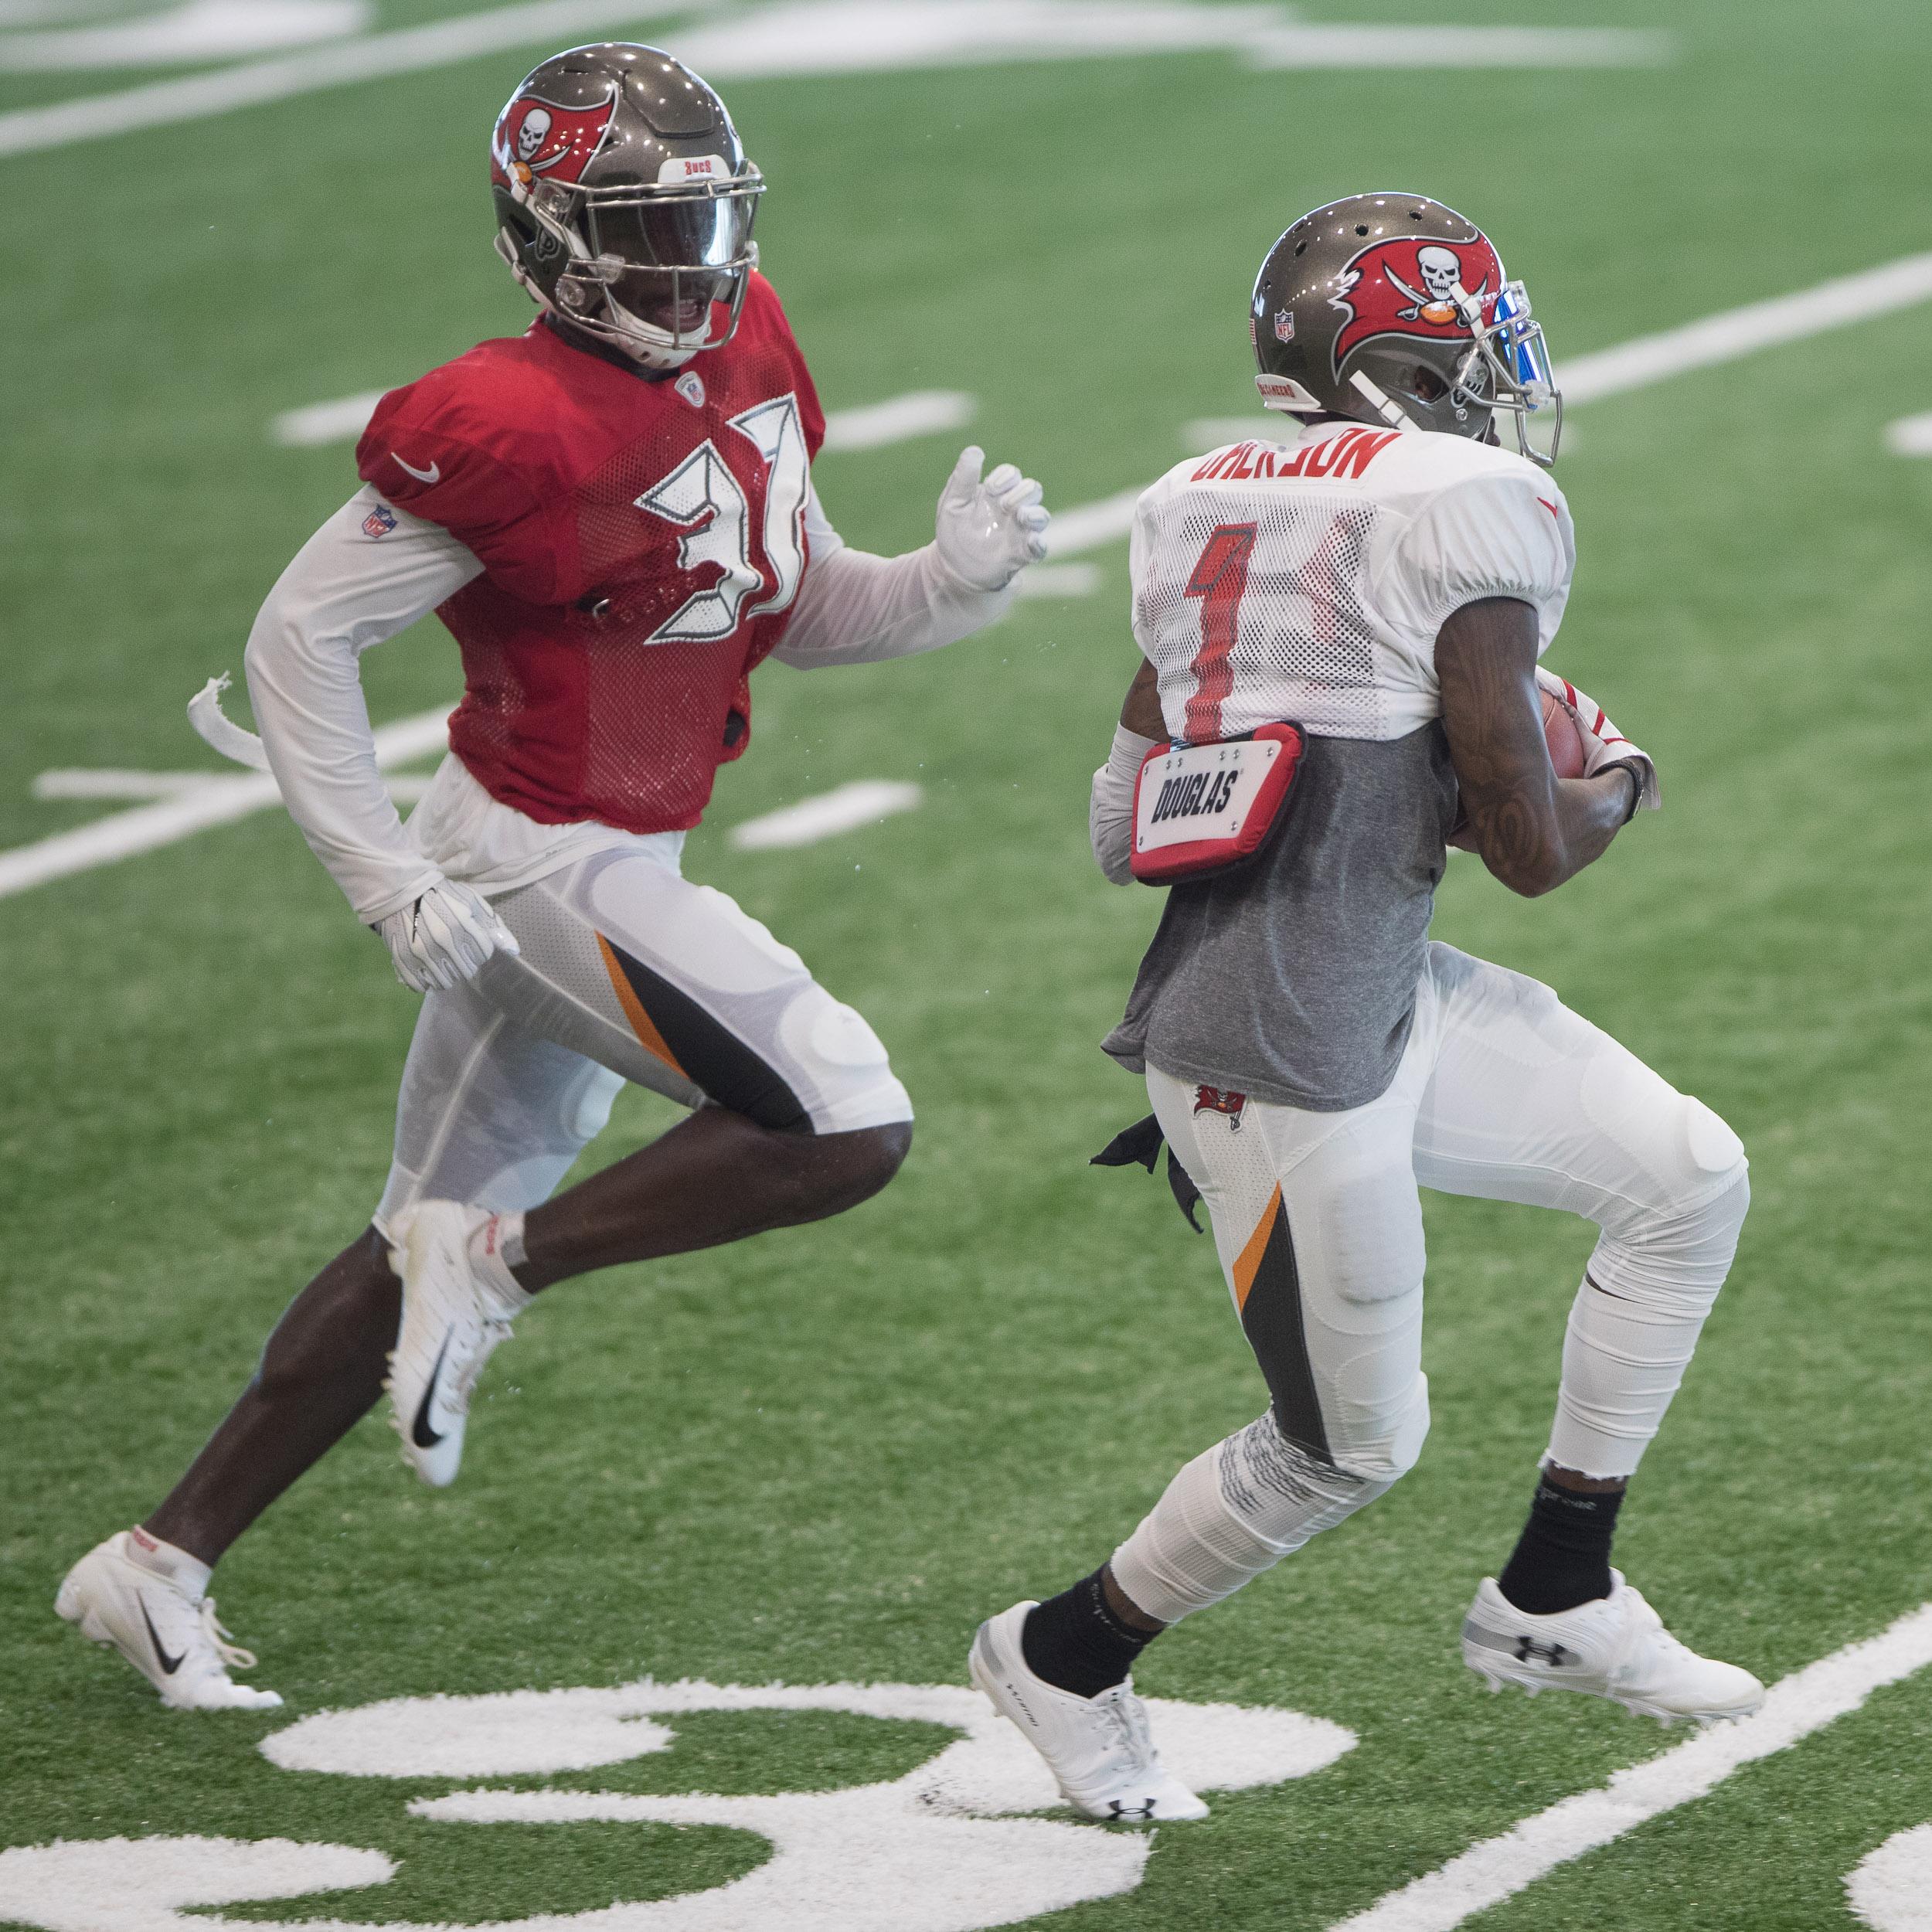 DeSean Jackson makes a catch for Bucs./STEVEN MUNCIE